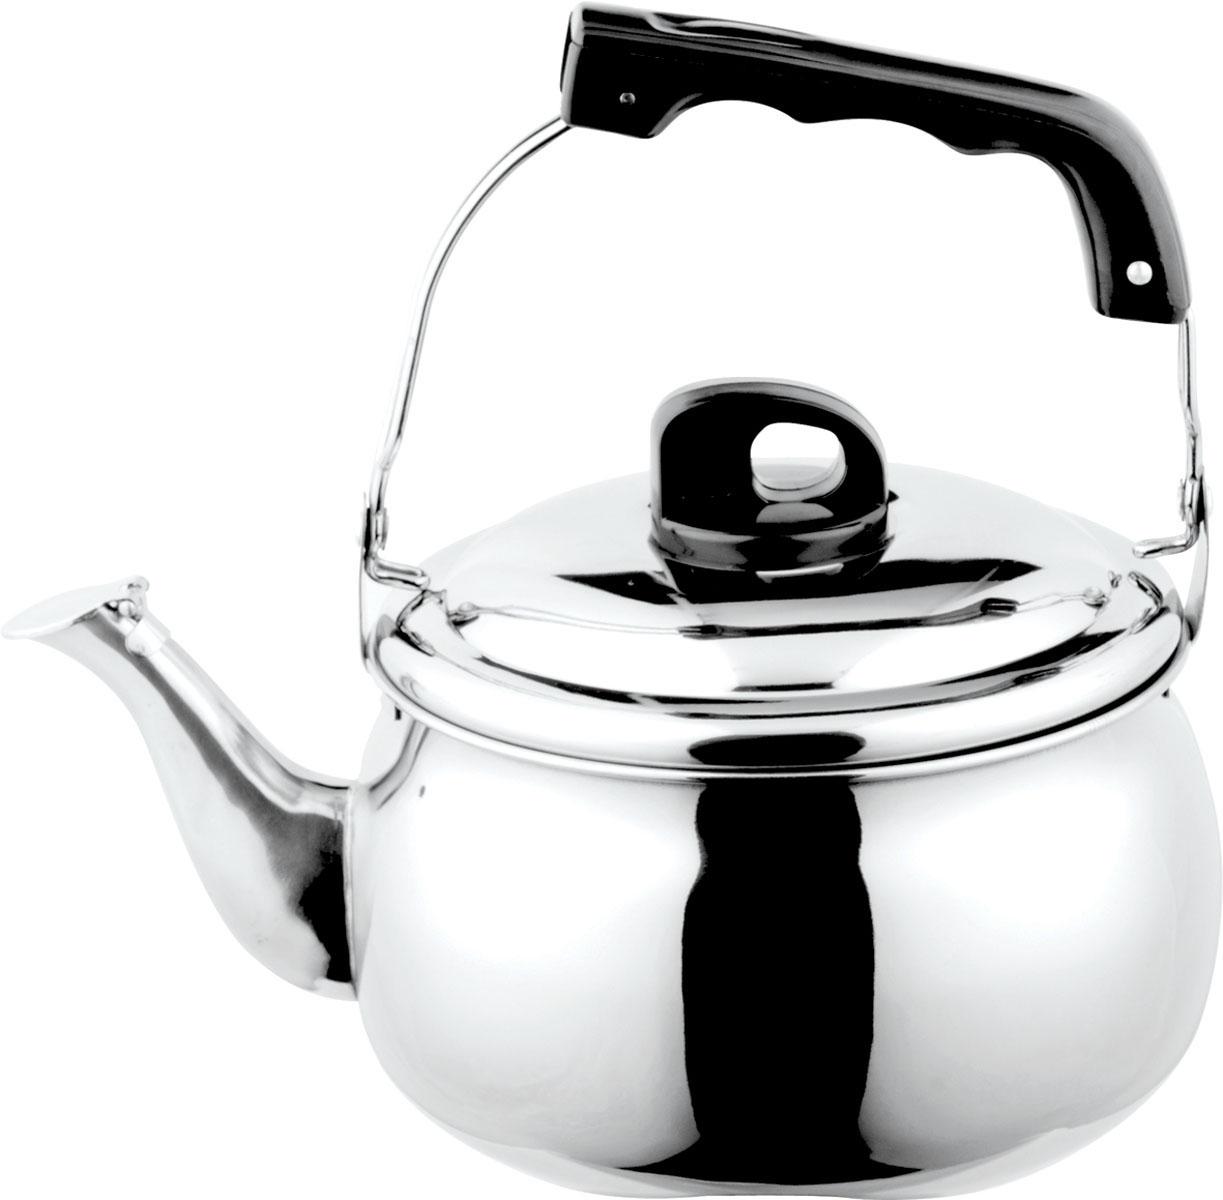 Чайник Bekker, со свистком, 5 л94672Чайник Bekker выполнен из высококачественной нержавеющей стали, что обеспечивает долговечность использования. Внешнее зеркальное покрытие придает приятный внешний вид. Бакелитовая ручка делает использование чайника очень удобным и безопасным. Цельнометаллическое дно способствует равномерному распространению тепла. Чайник снабжен свистком. Можно мыть в посудомоечной машине. Пригоден для всех видов плит, включая индукционные.